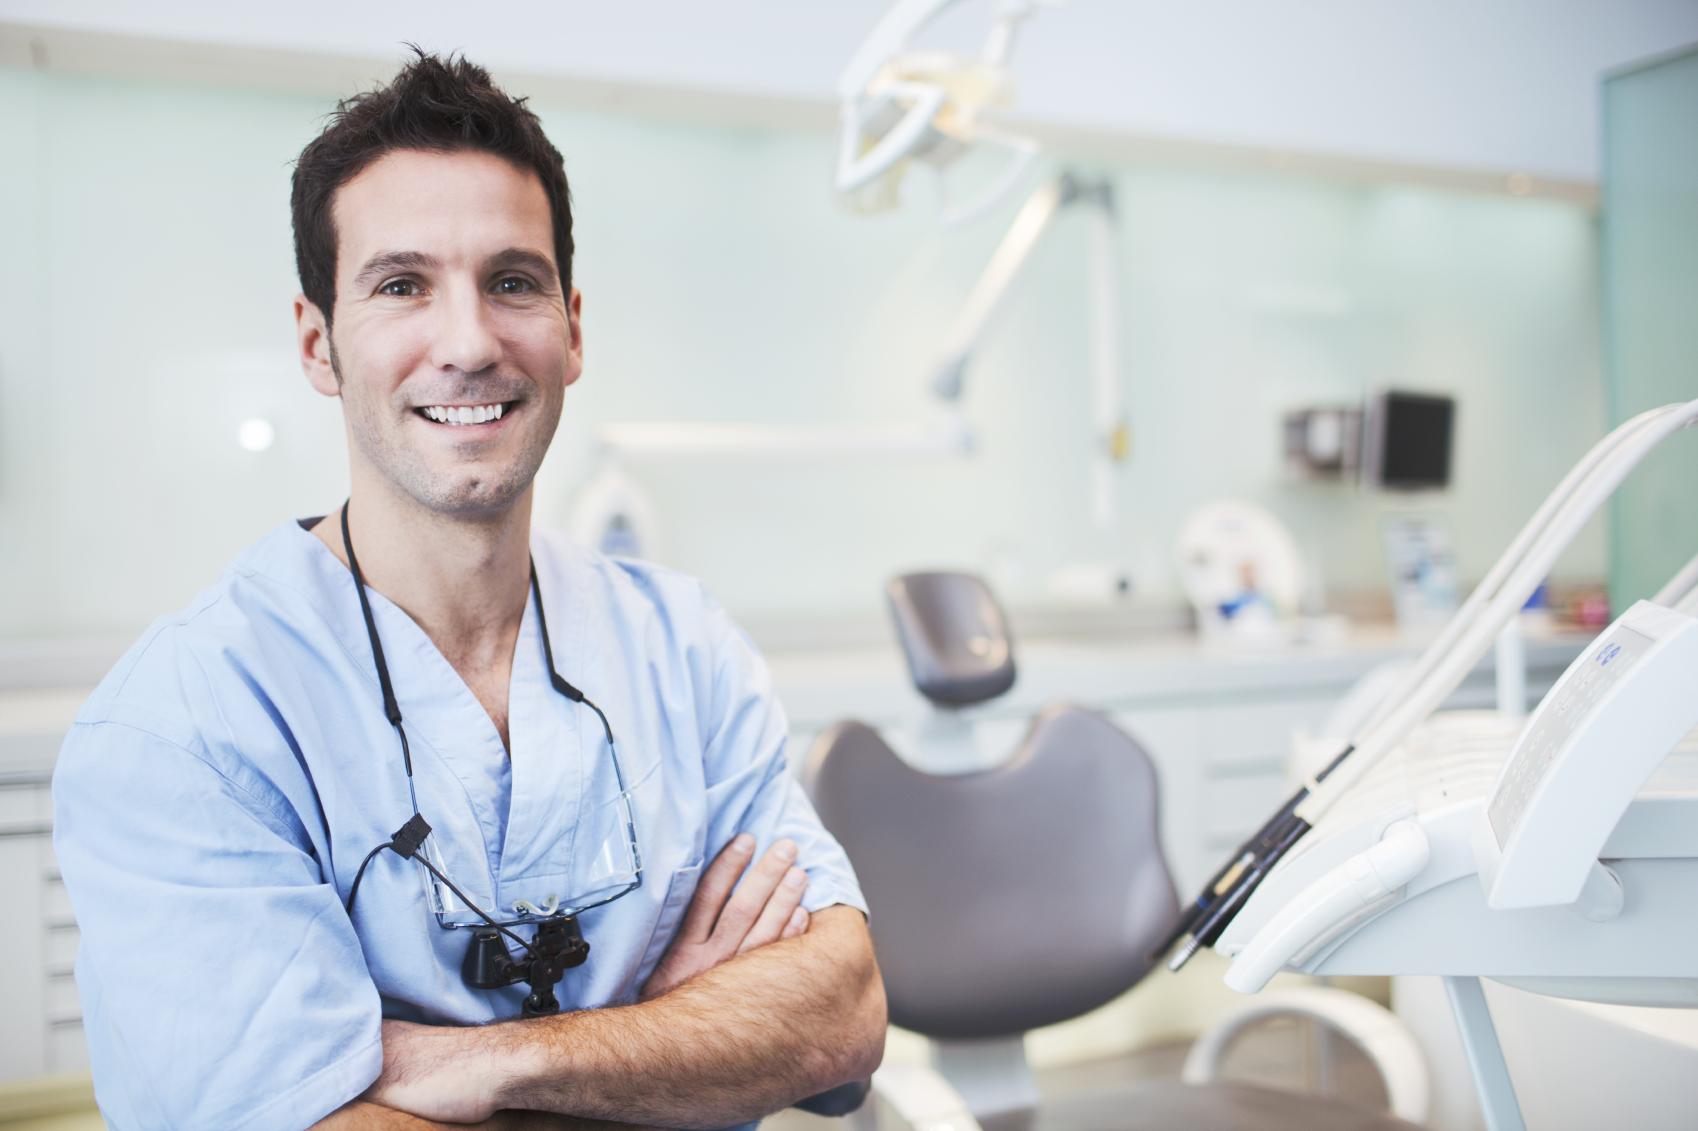 قبولی دندانپزشکی از موسسه آموزشی اوج یادگیری